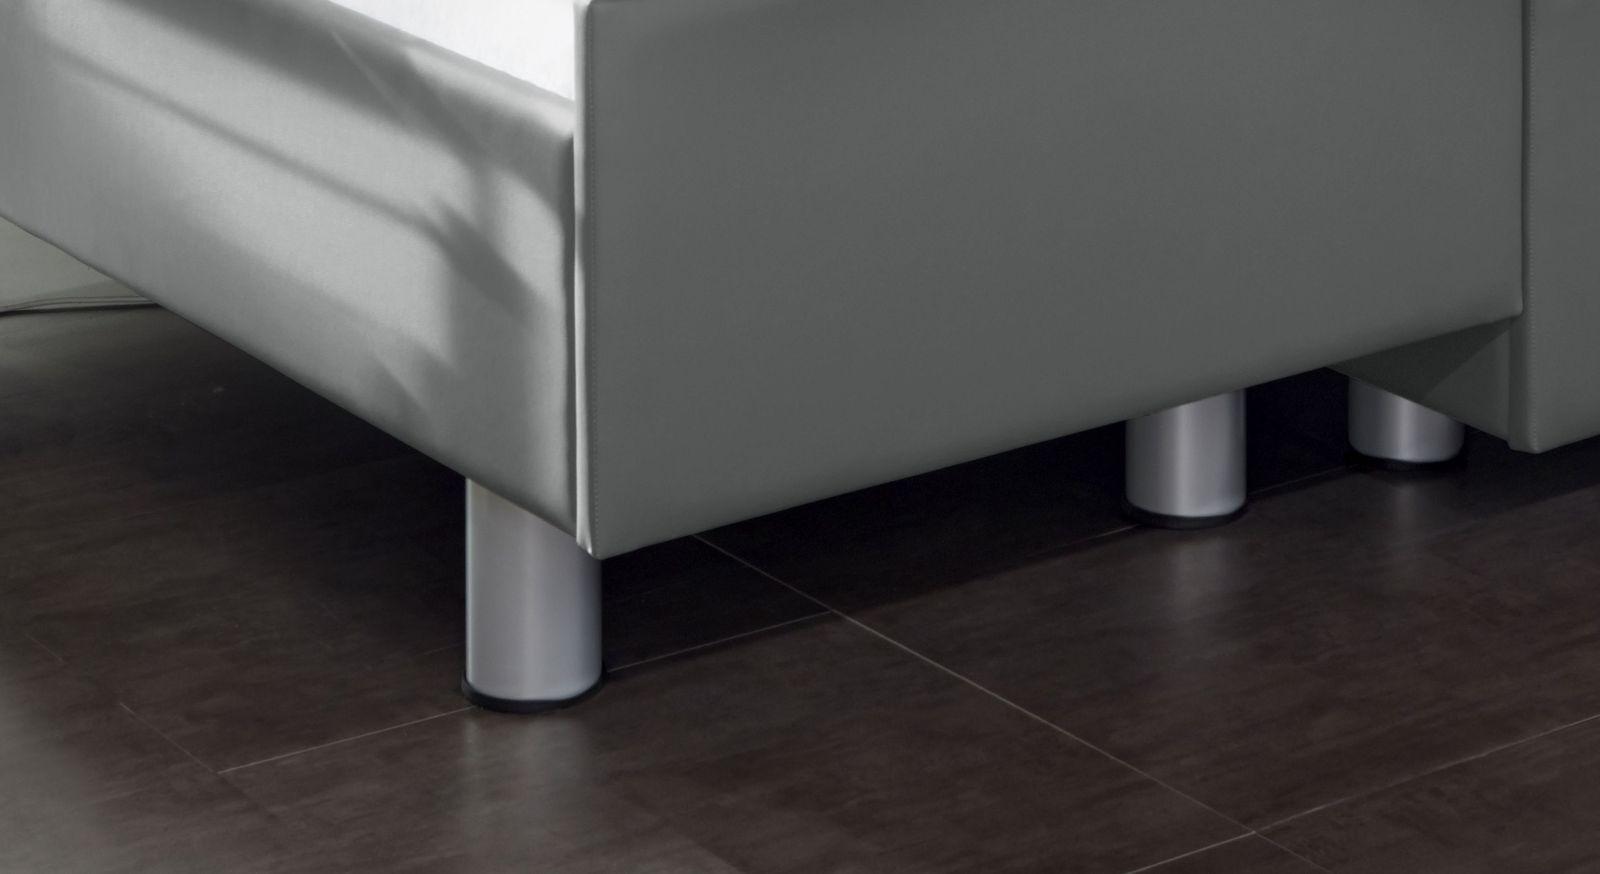 Stabiles Komfortbett mit Pflegebett Funktion Fulda mit zylinderförmigen Metallfüßen